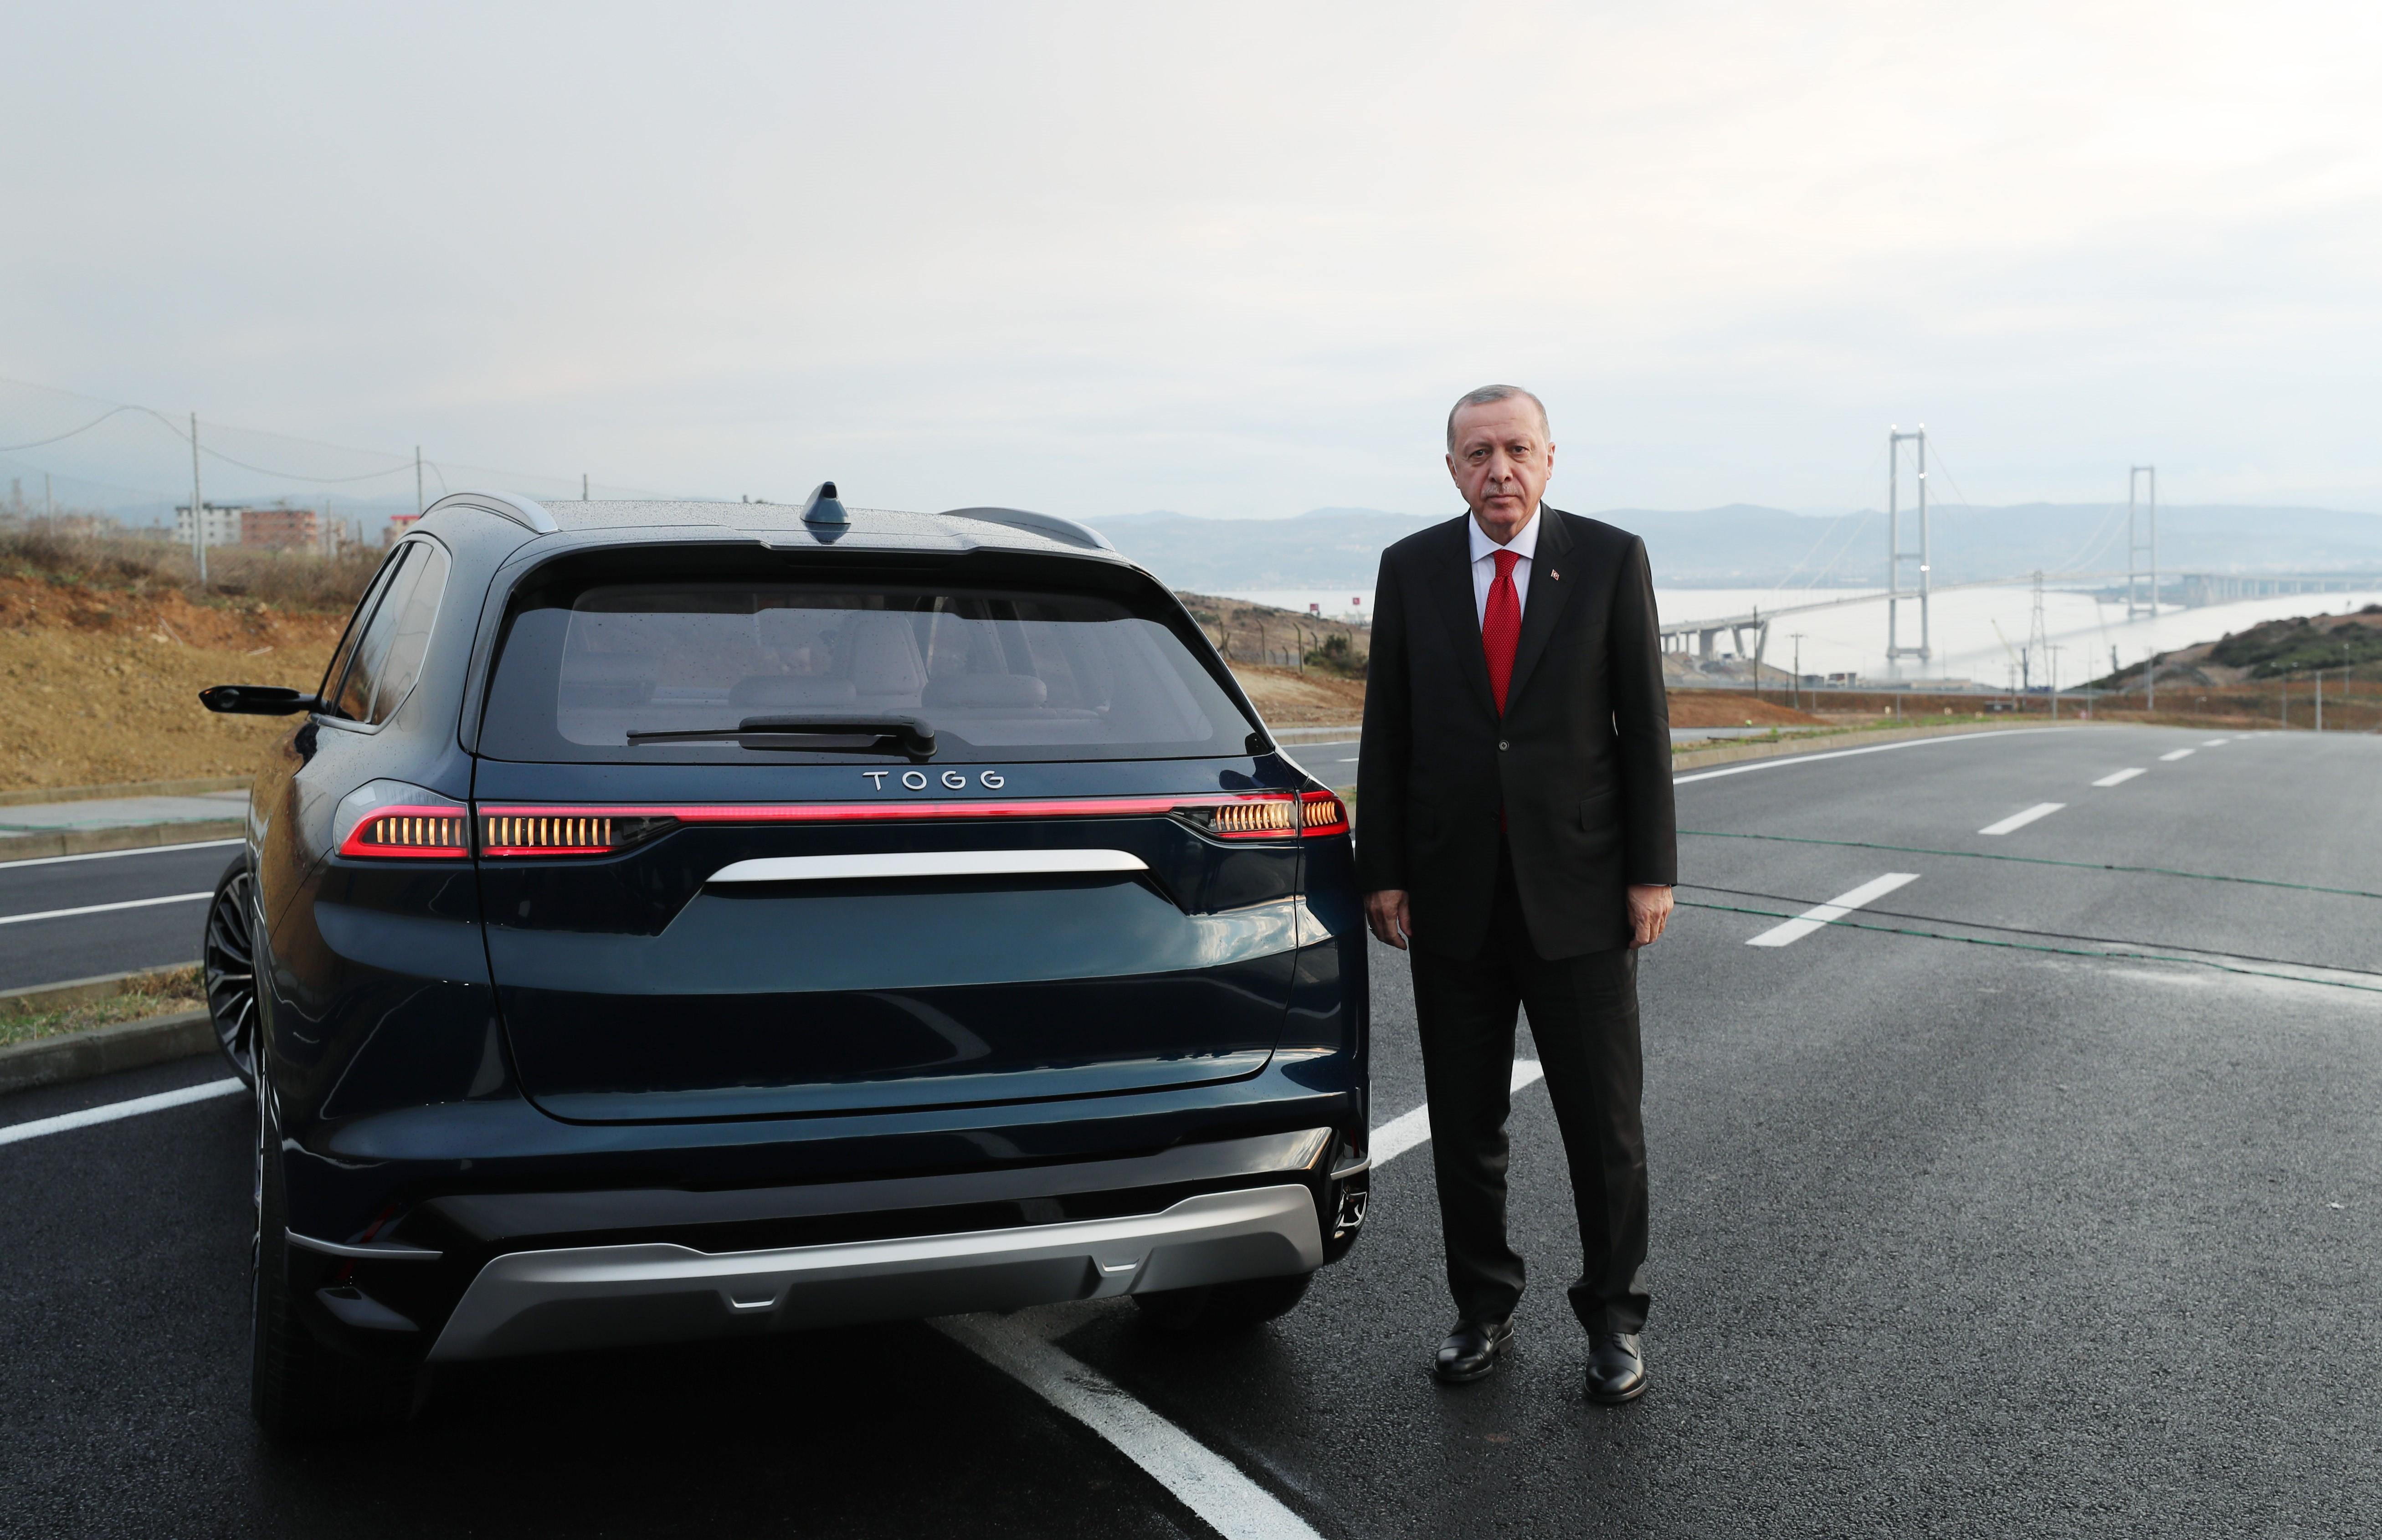 Erdogan bemutatta a török nemzeti gépjárművet